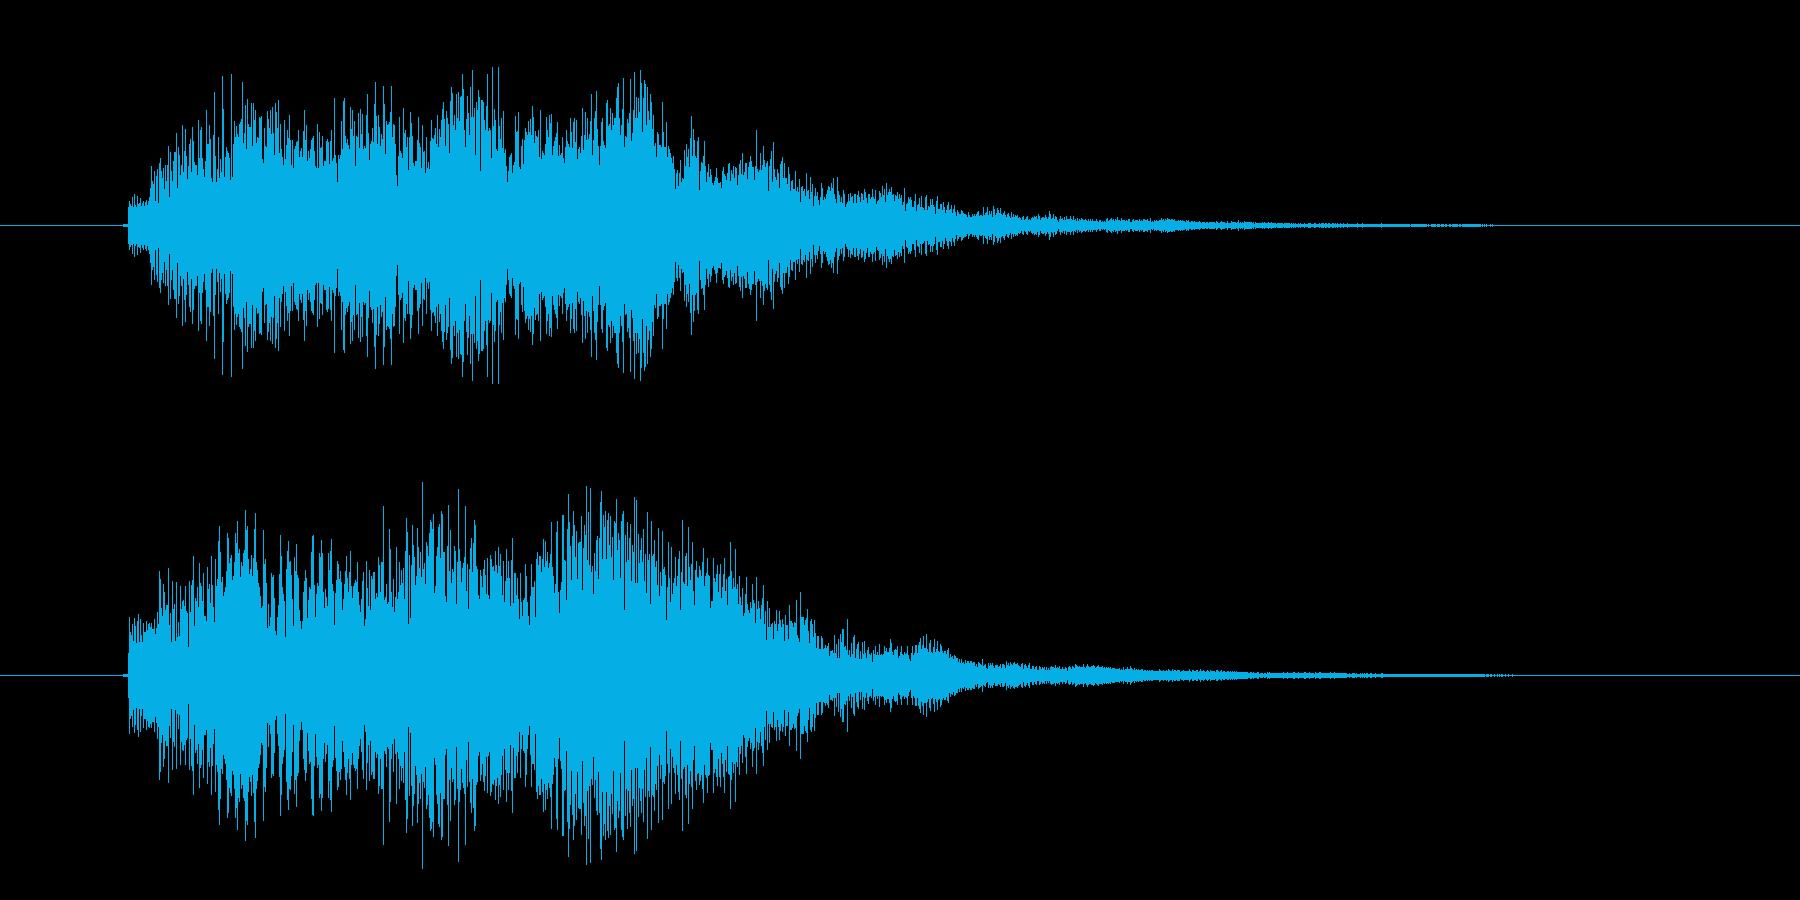 ピロピロピロリン(チャイムの音)の再生済みの波形